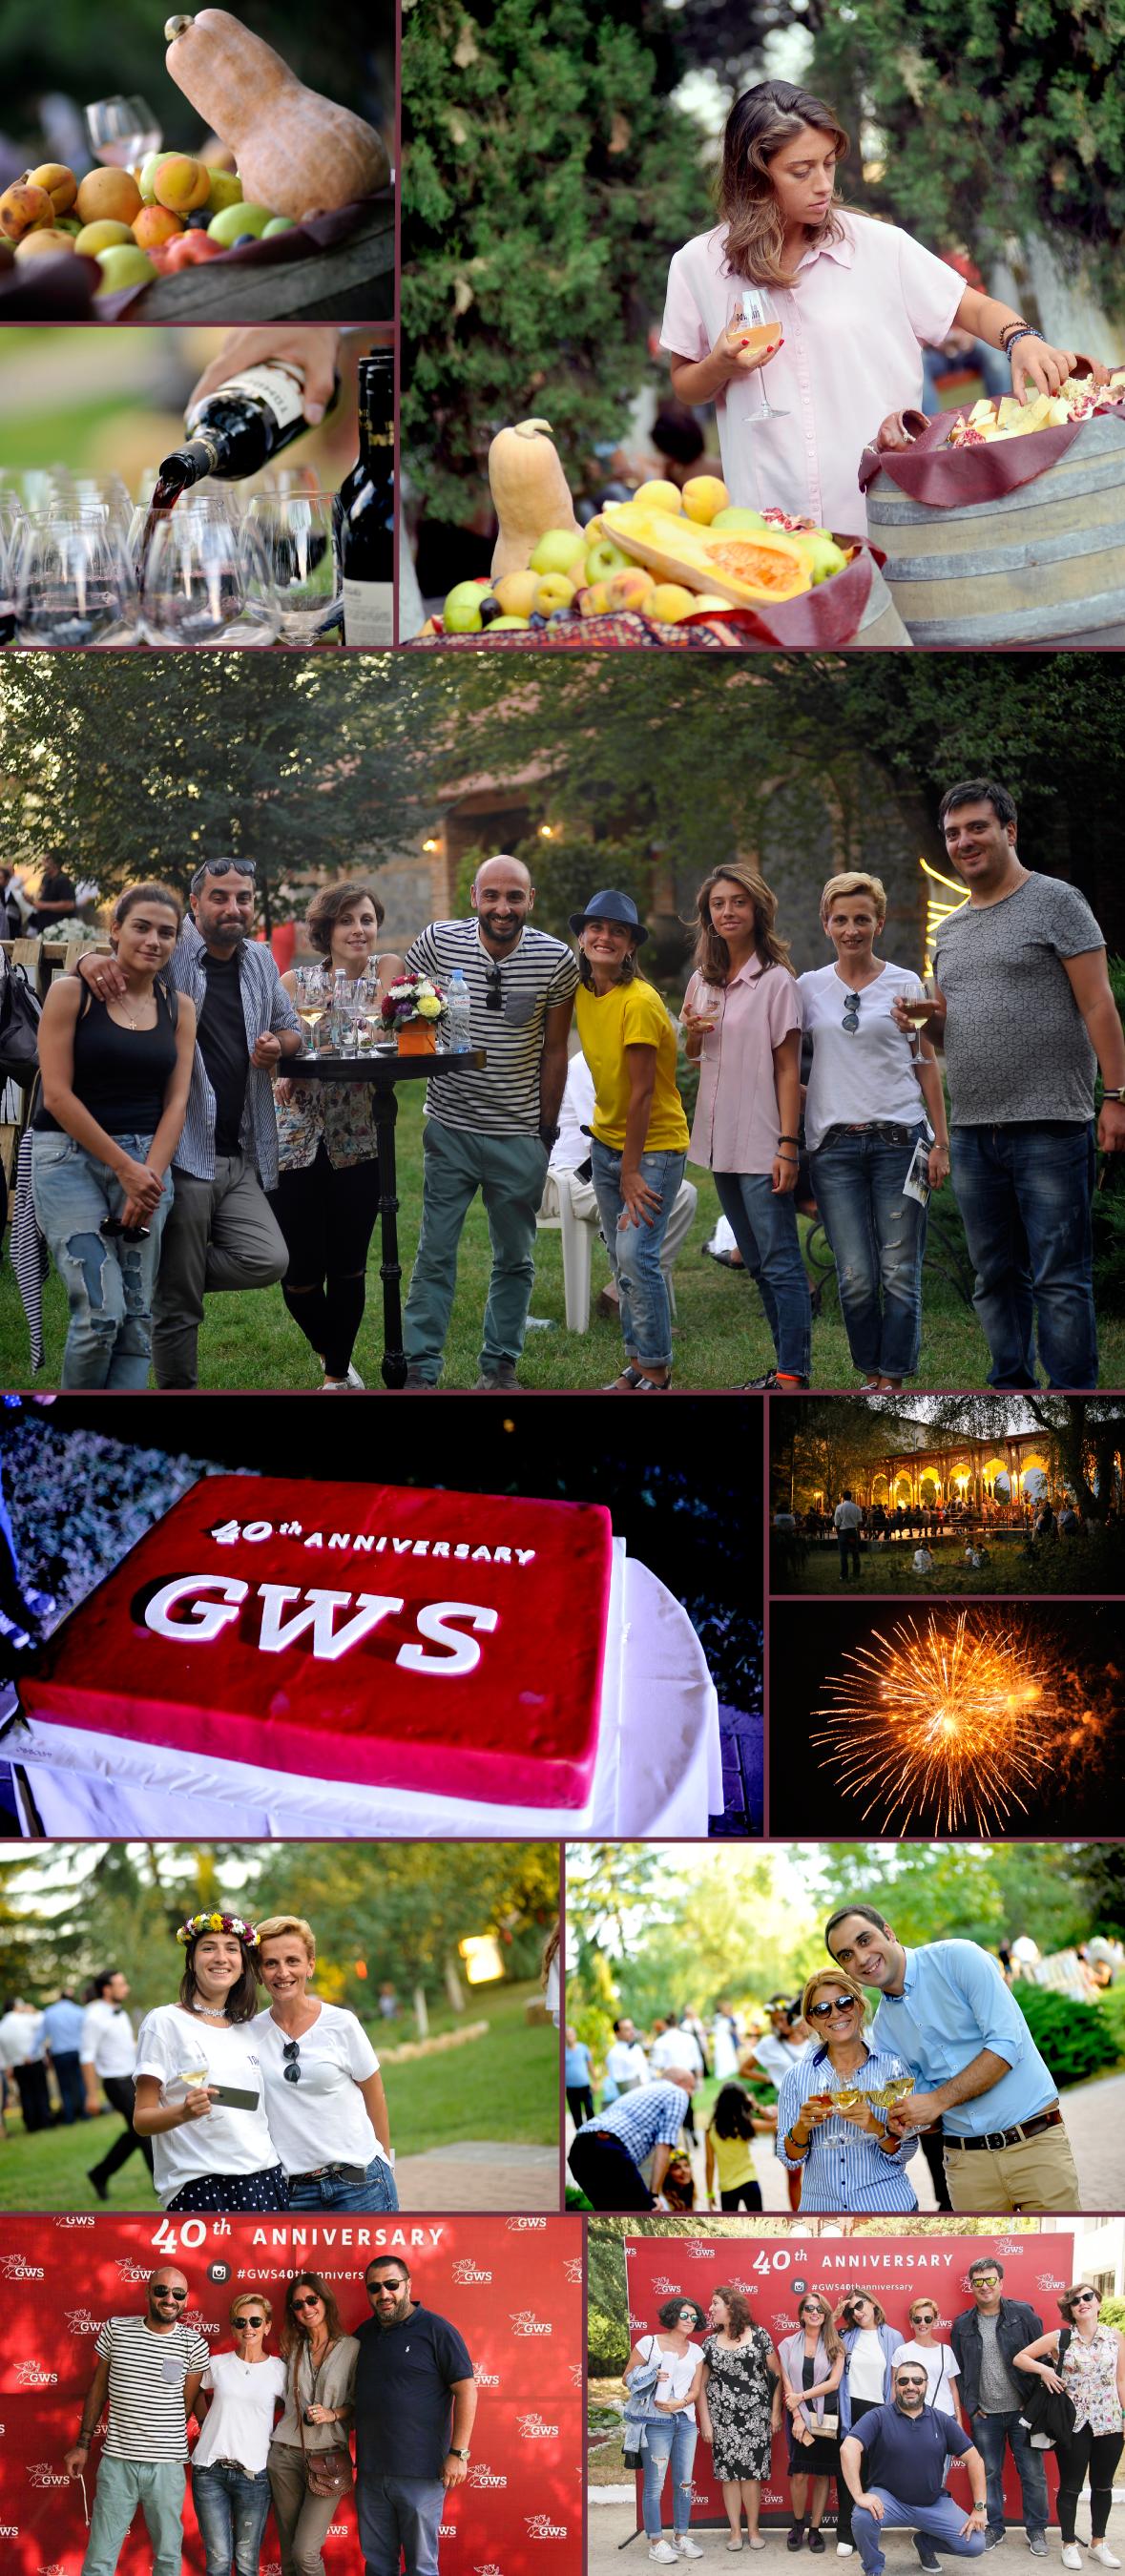 GWS-ის 40 წლის იუბილე